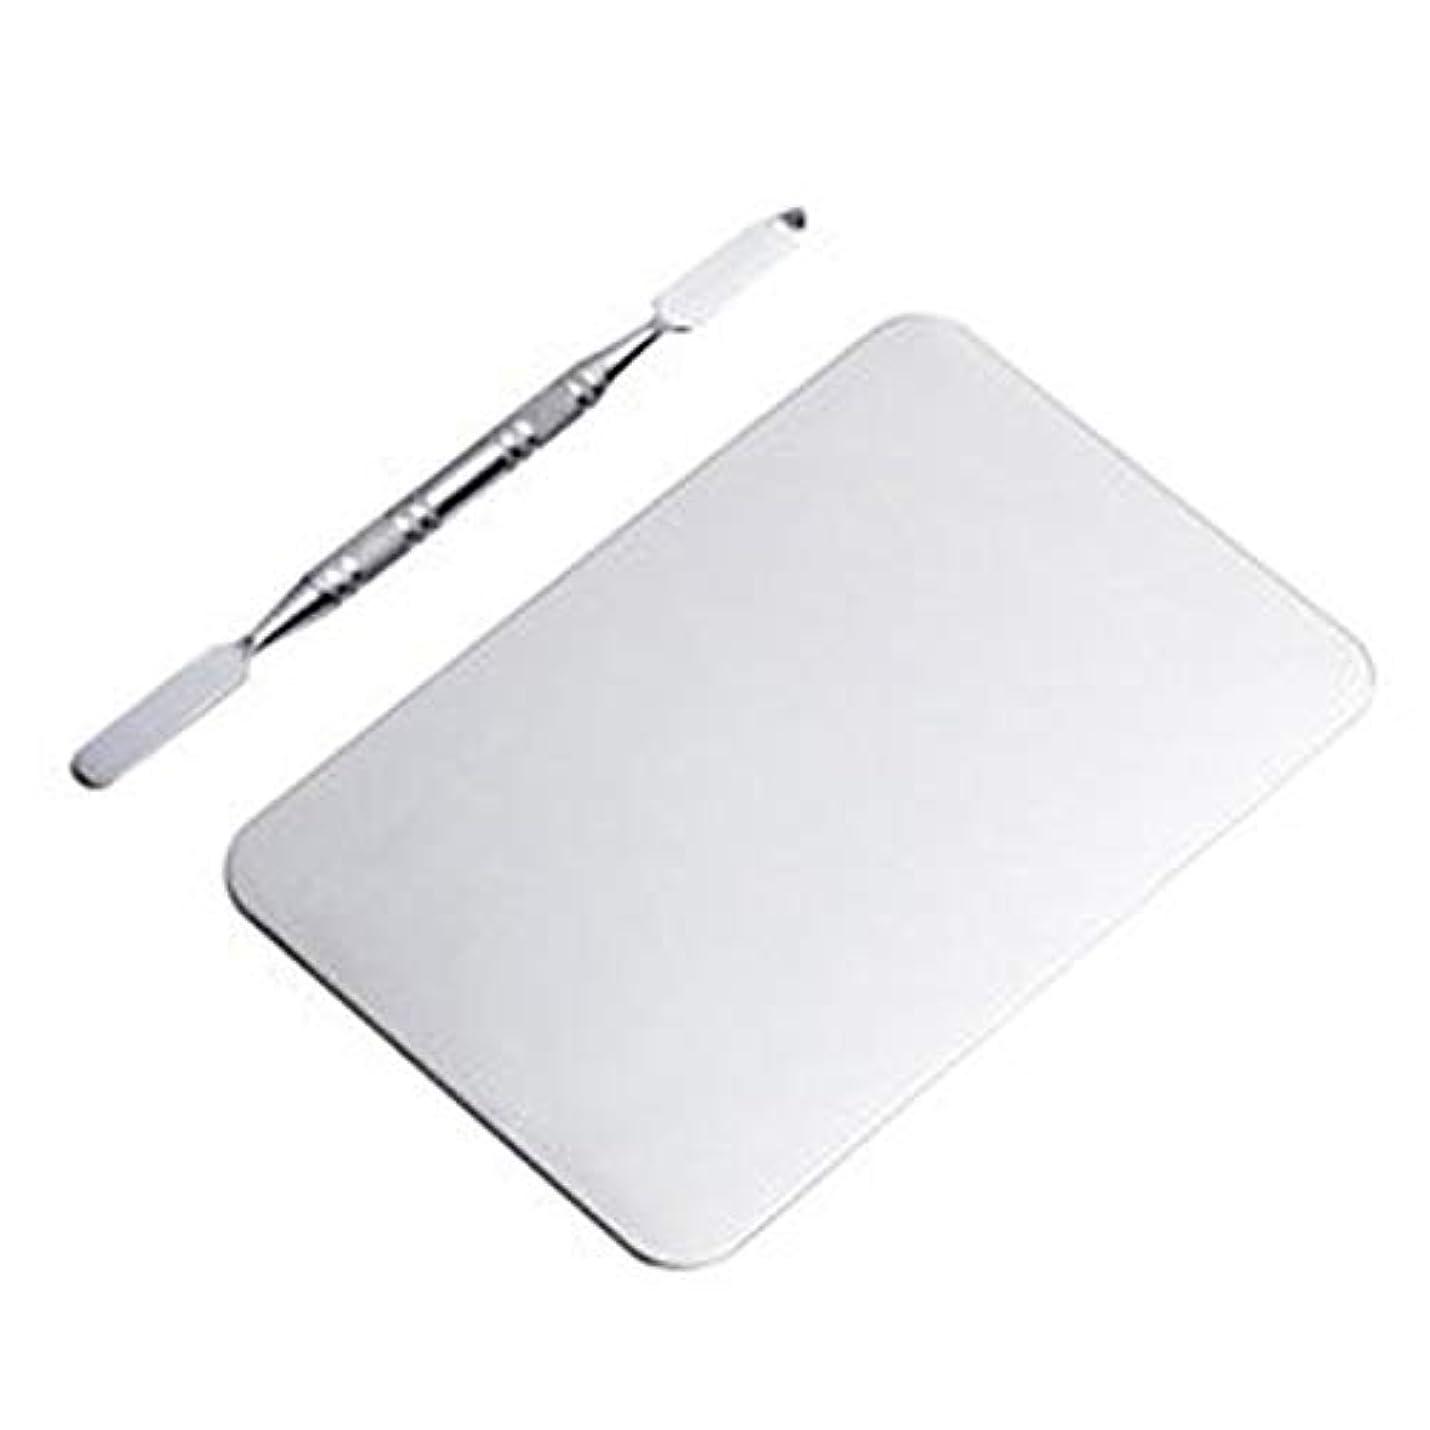 未払いパパ輝度サロン マニキュア カラーパレット メイクアップクリームファンデーションミキシングパレット 化粧品メイクアップツール ステンレス鋼板(115x75MM) (Color : Nonporous)